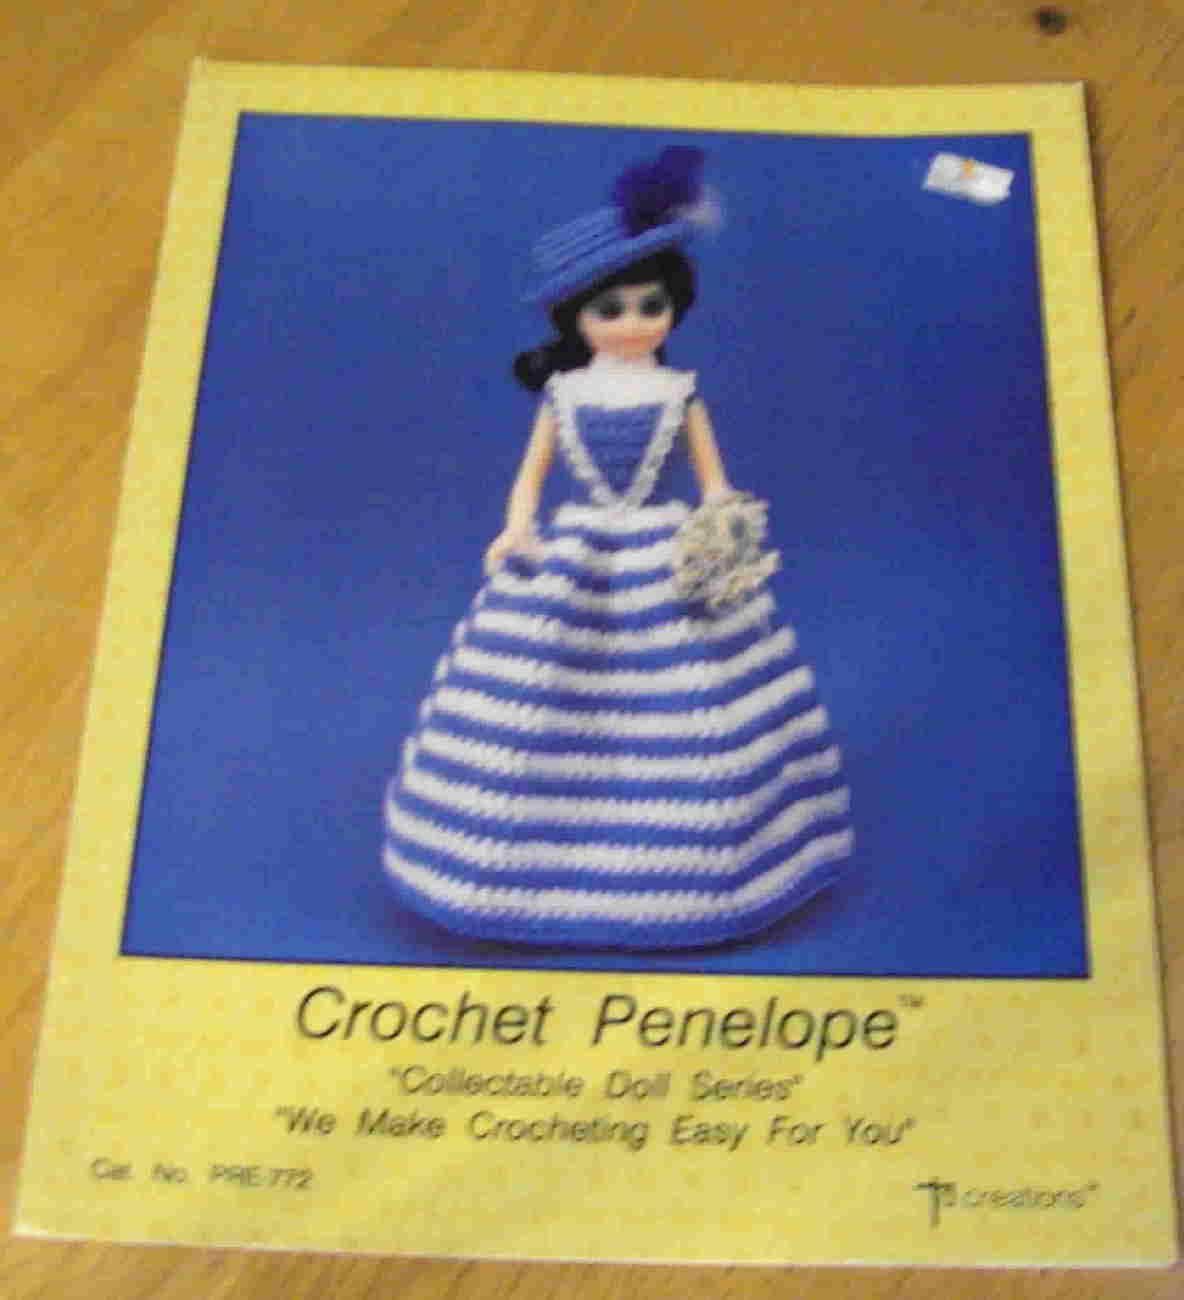 Crochet penelope